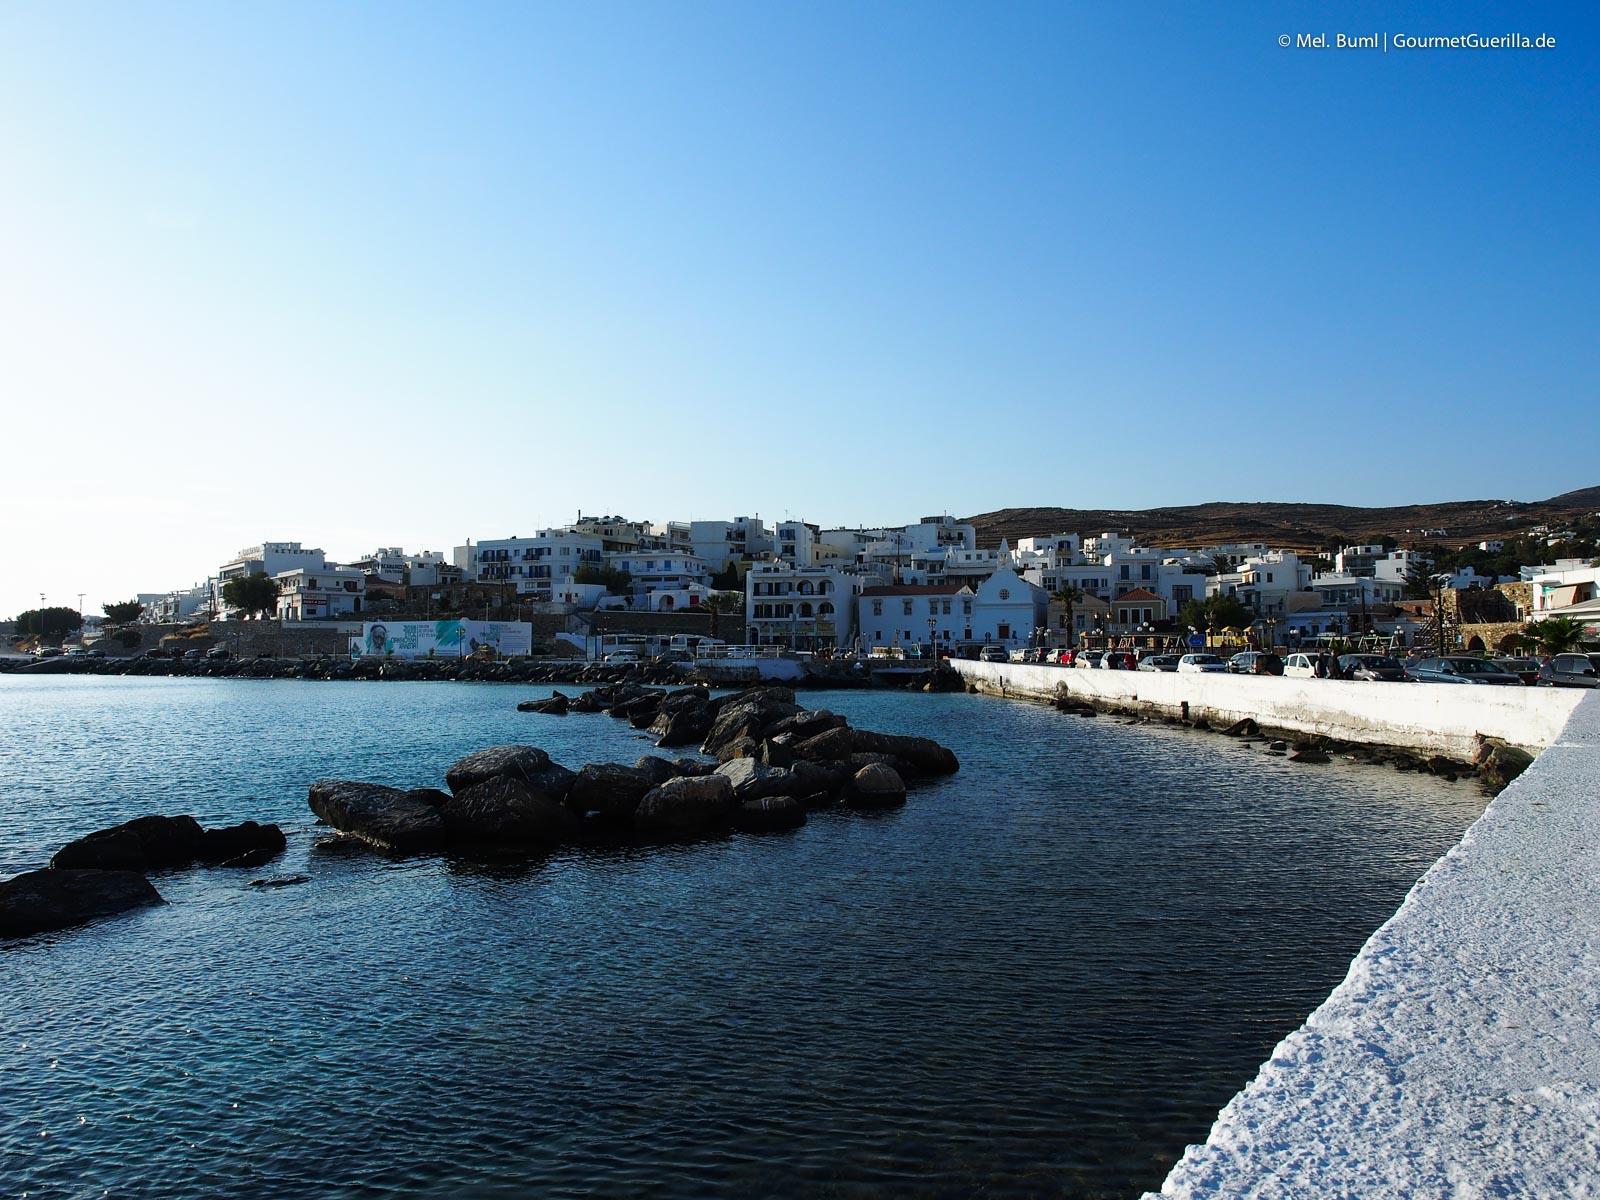 Hafen und Hora Reisebericht Tinos Foodpath griechische Insel Kykladen Griechenland |GourmetGuerilla.de